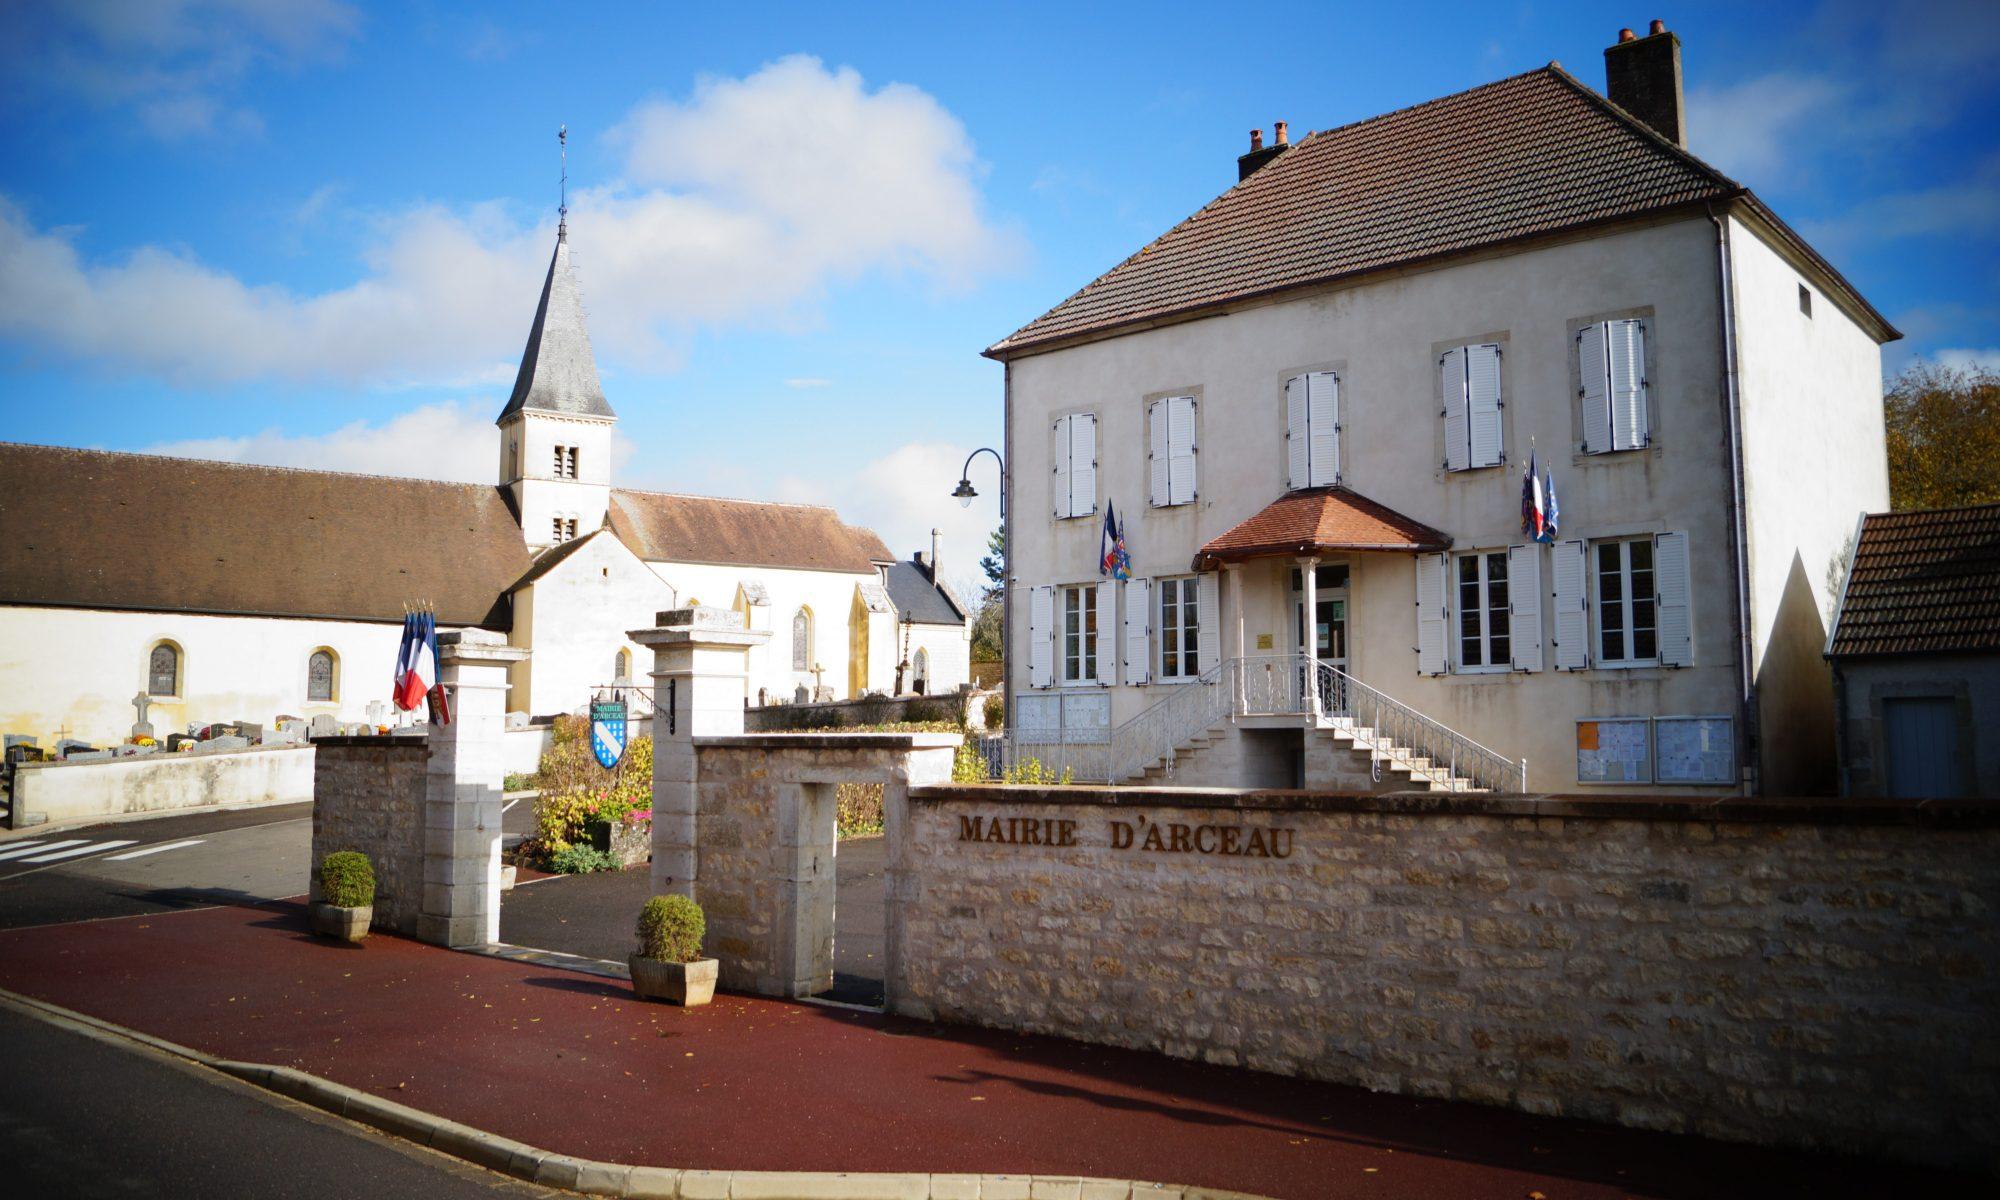 Commune d'Arceau